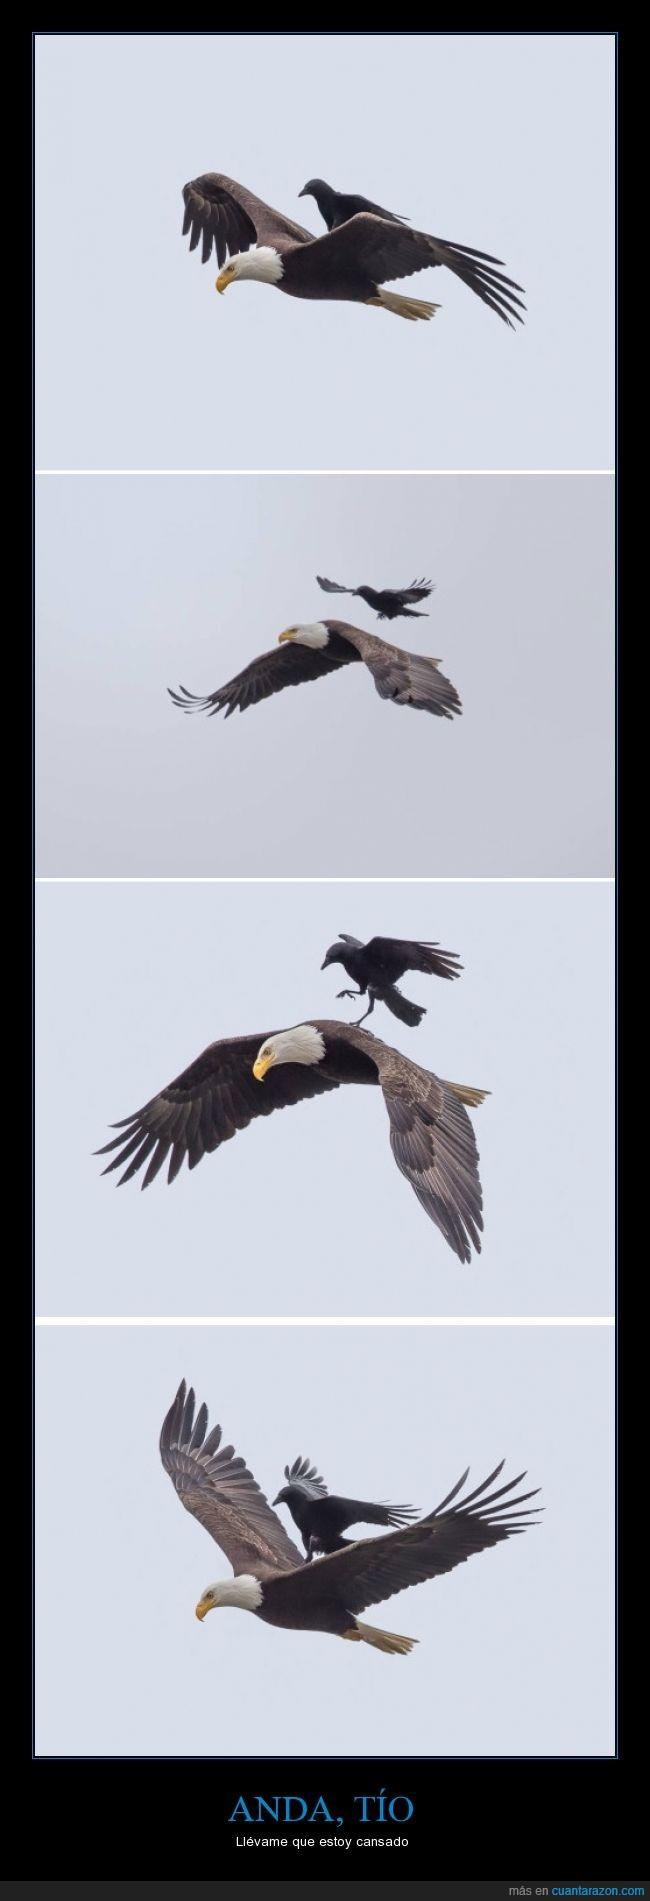 aguila,cansado,cuervo,encima,llevar,transporte público para cuervos